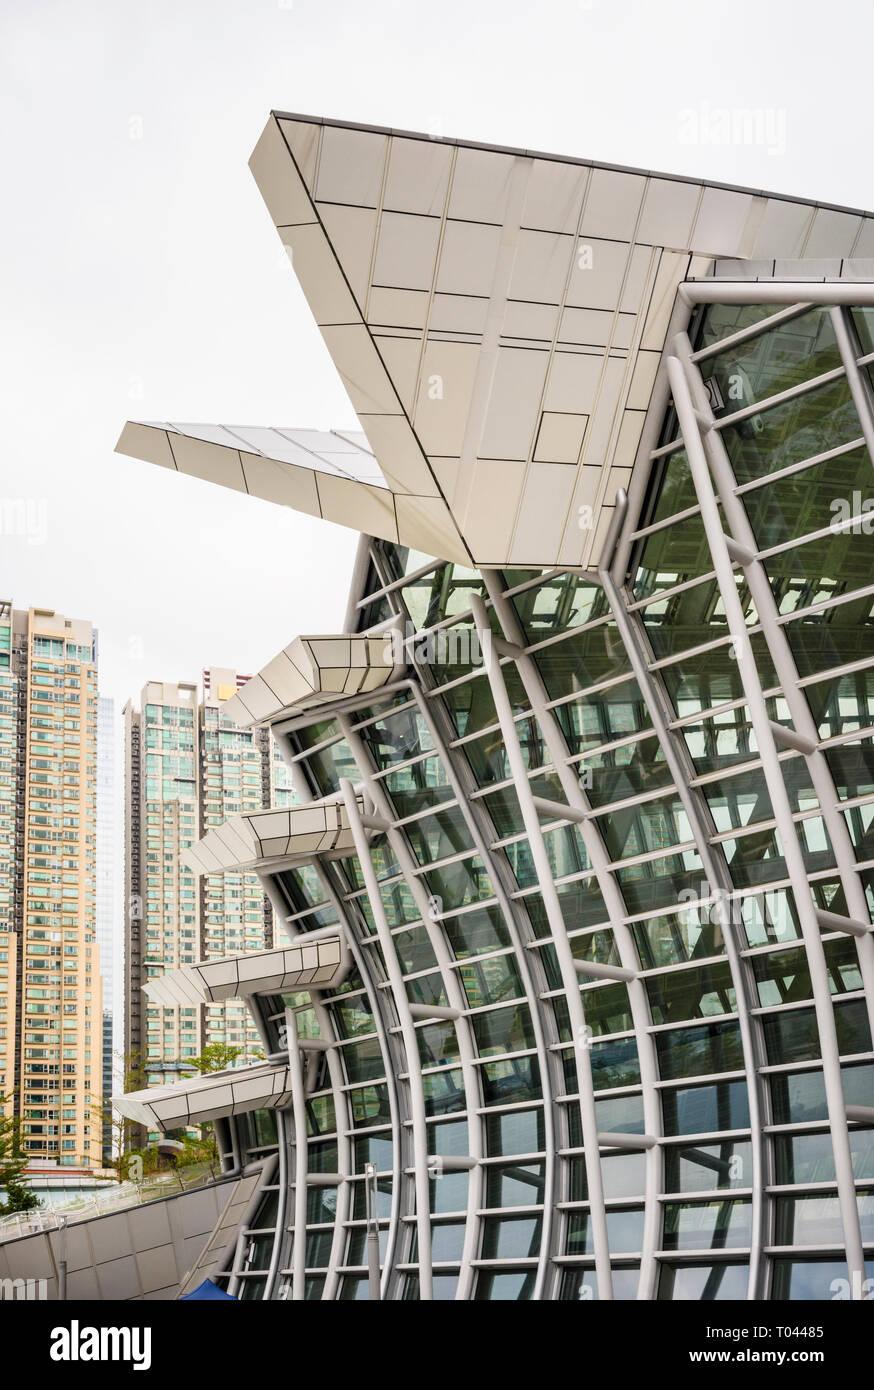 Façade de l'ouest de Hong Kong, à l'Ouest gare de Kowloon Kowloon, Kowloon, Hong Kong Banque D'Images